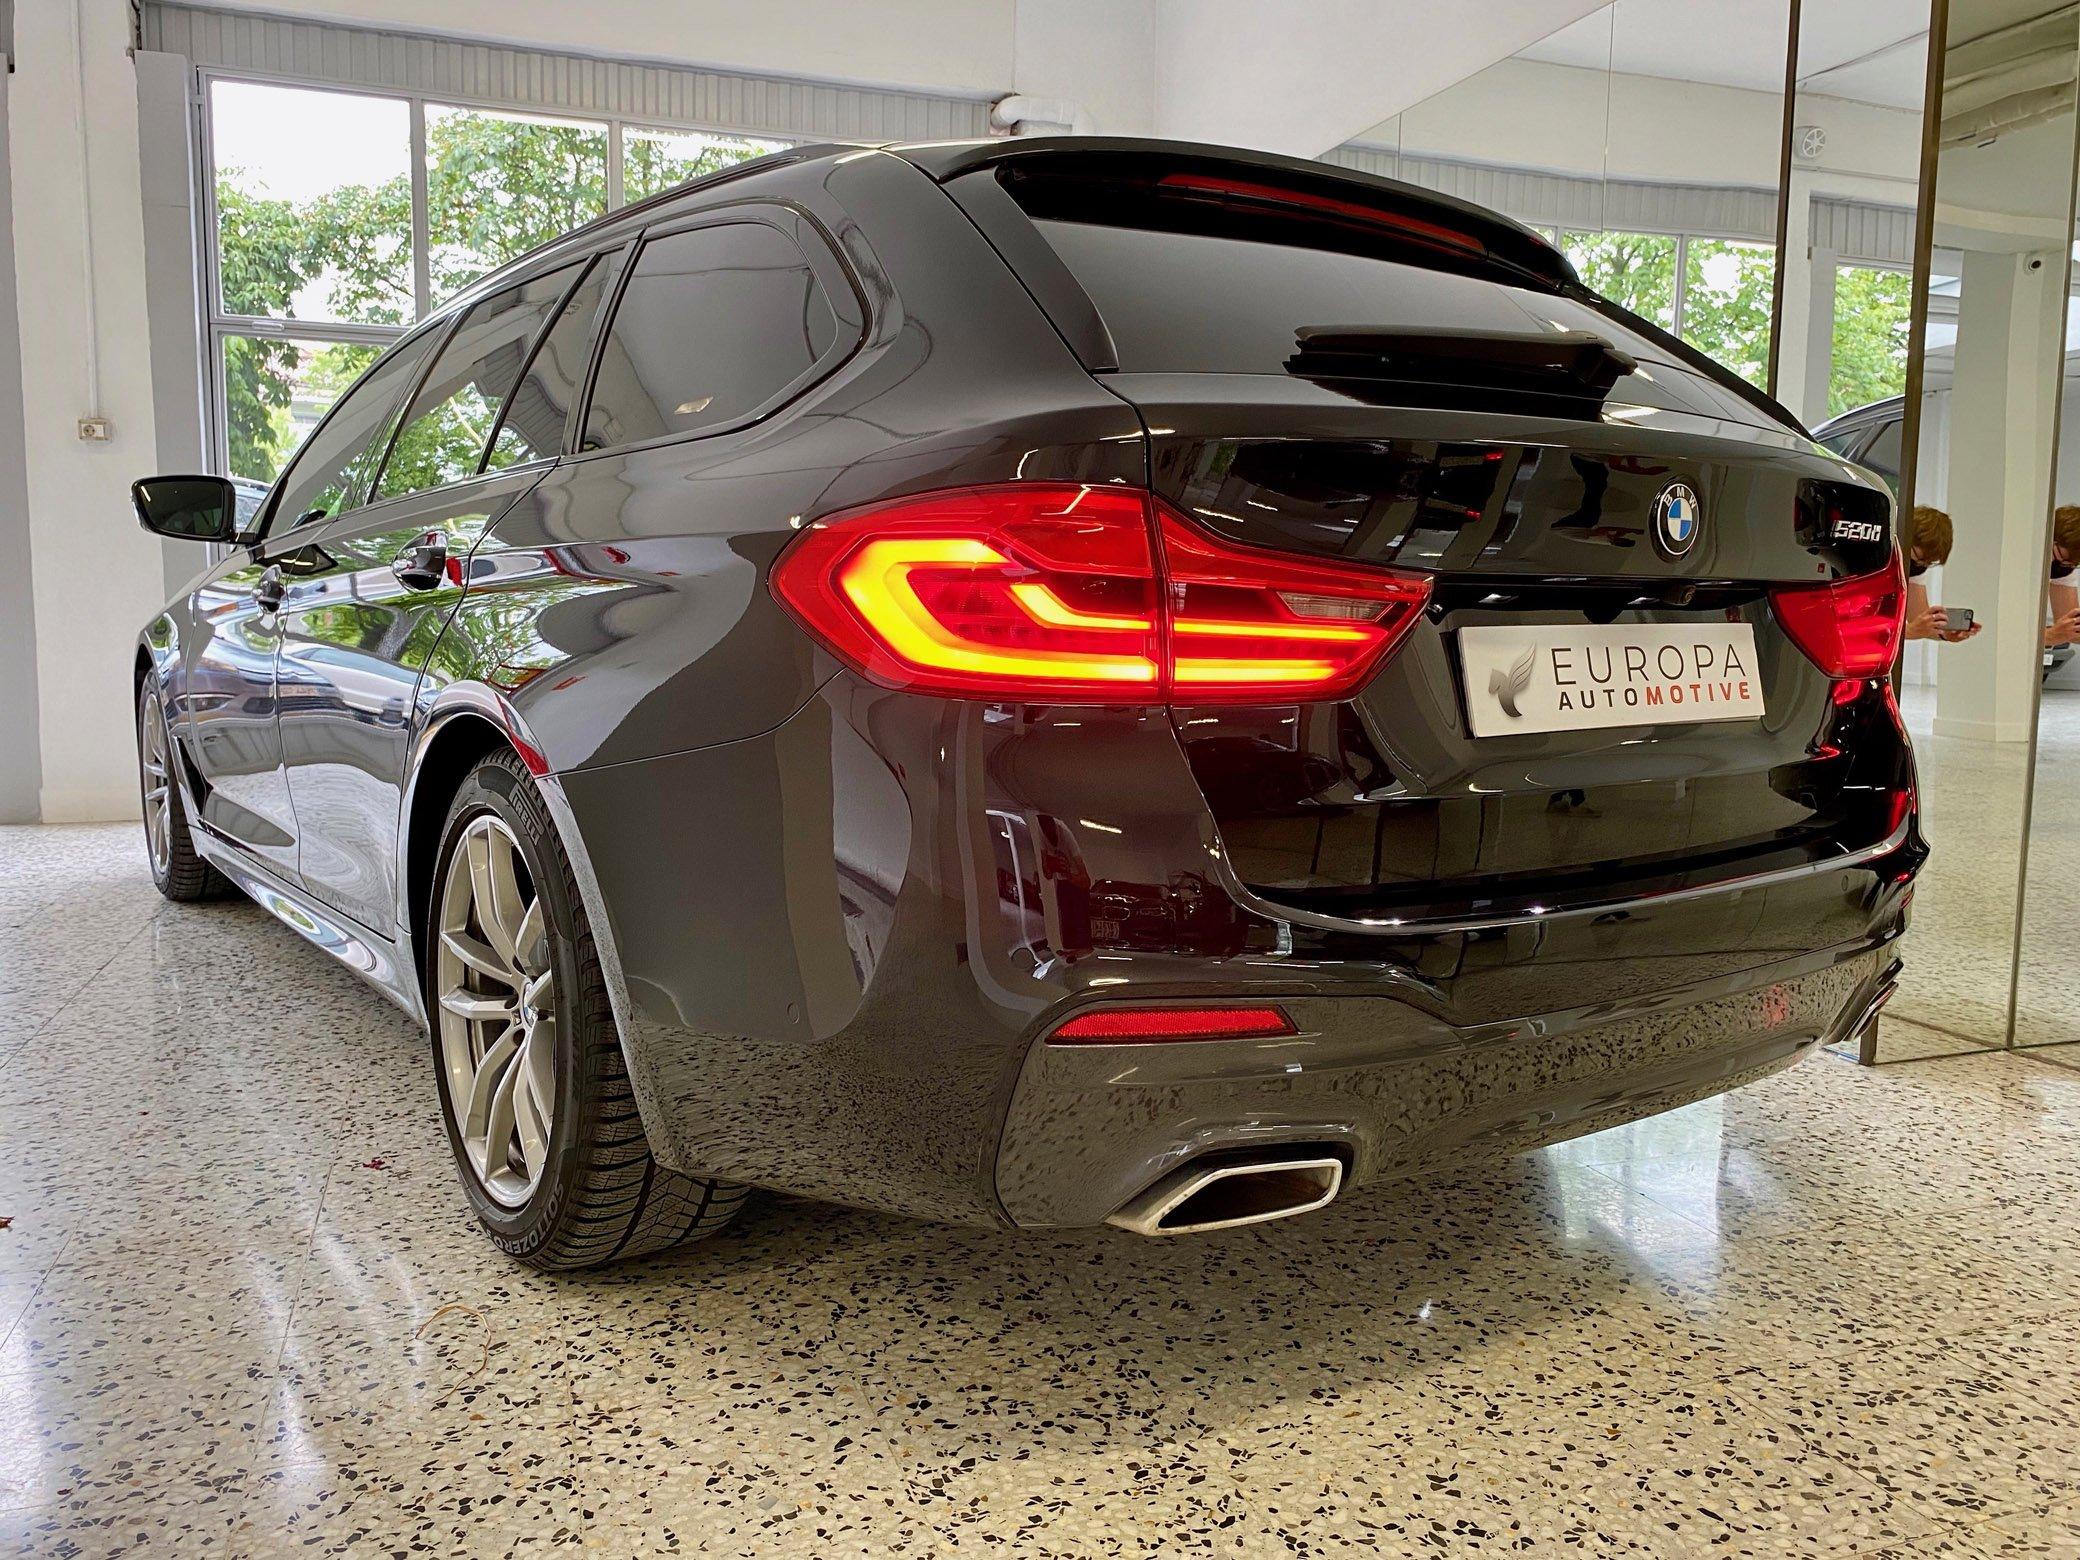 Importar un BMW 520d Touring | Importar un coche desde ALemania - Europa Automotive